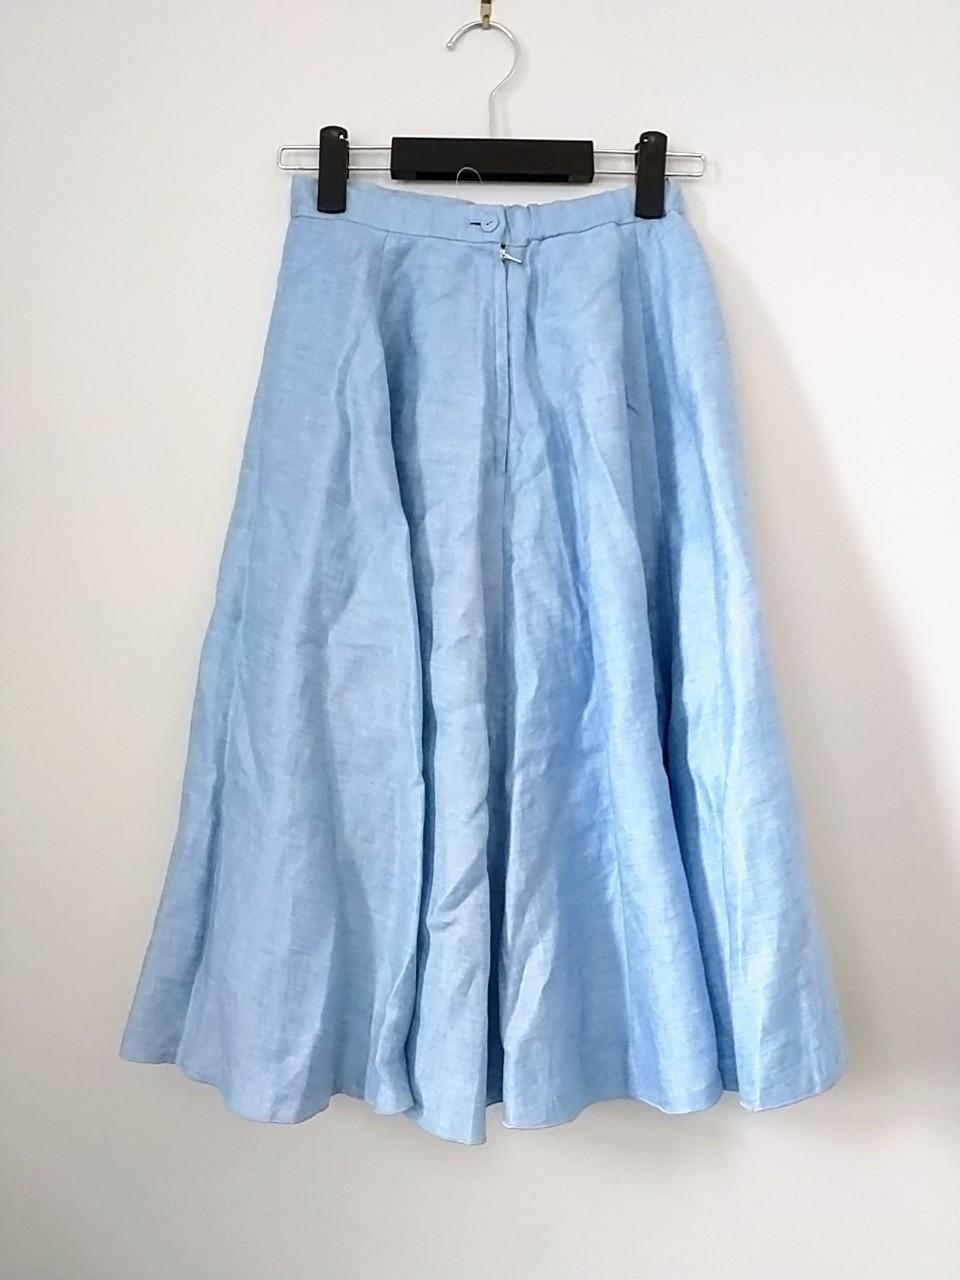 MYLAN(マイラン)のスカート